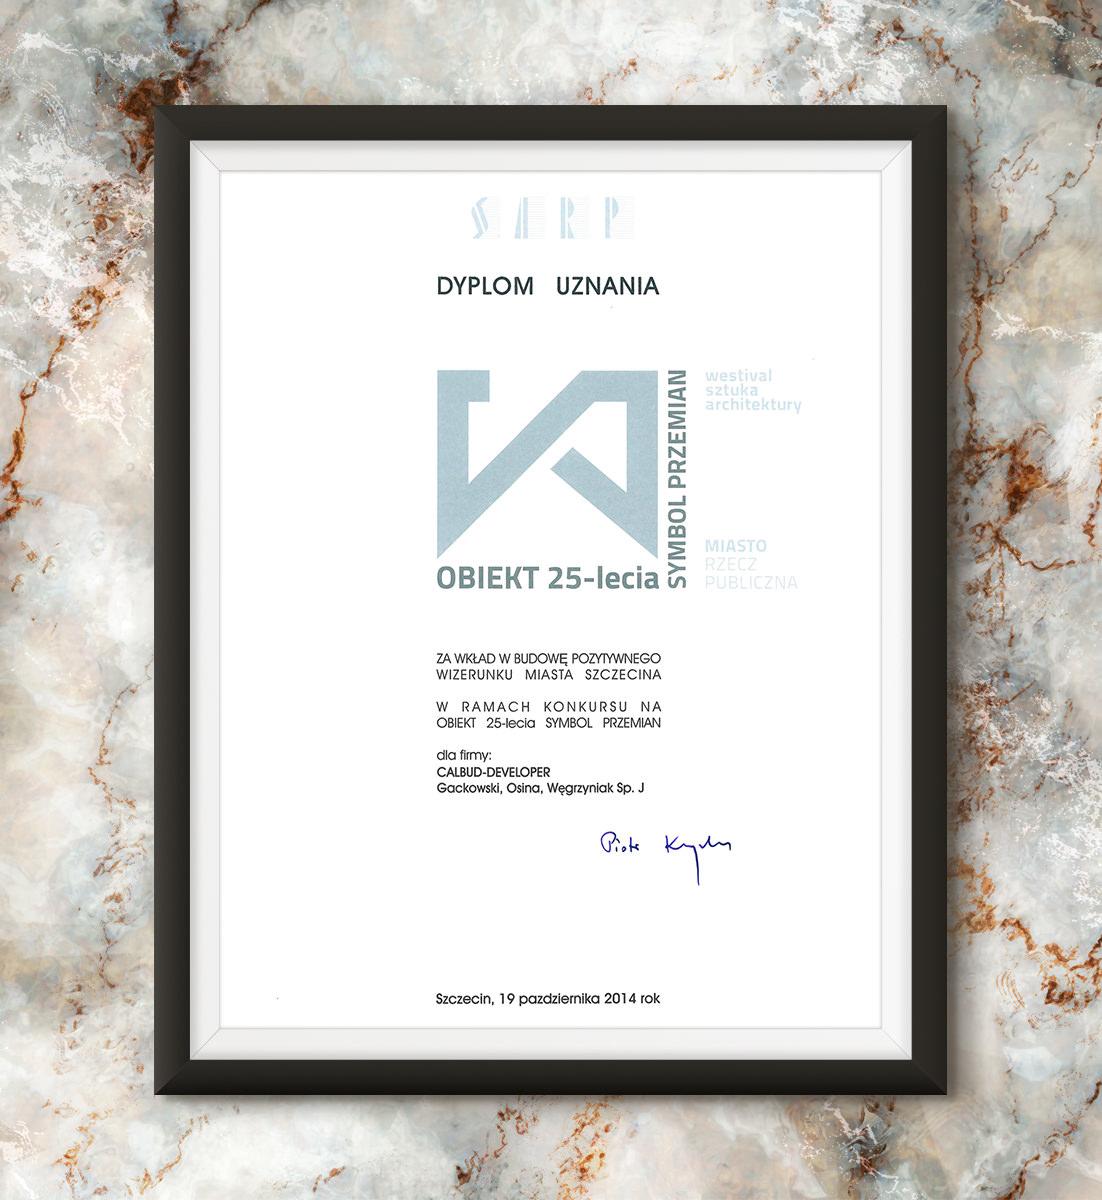 Obiekt 25-lecia - Dyplom Uznania dla CALBUD-DEVELOPER Sp. J.